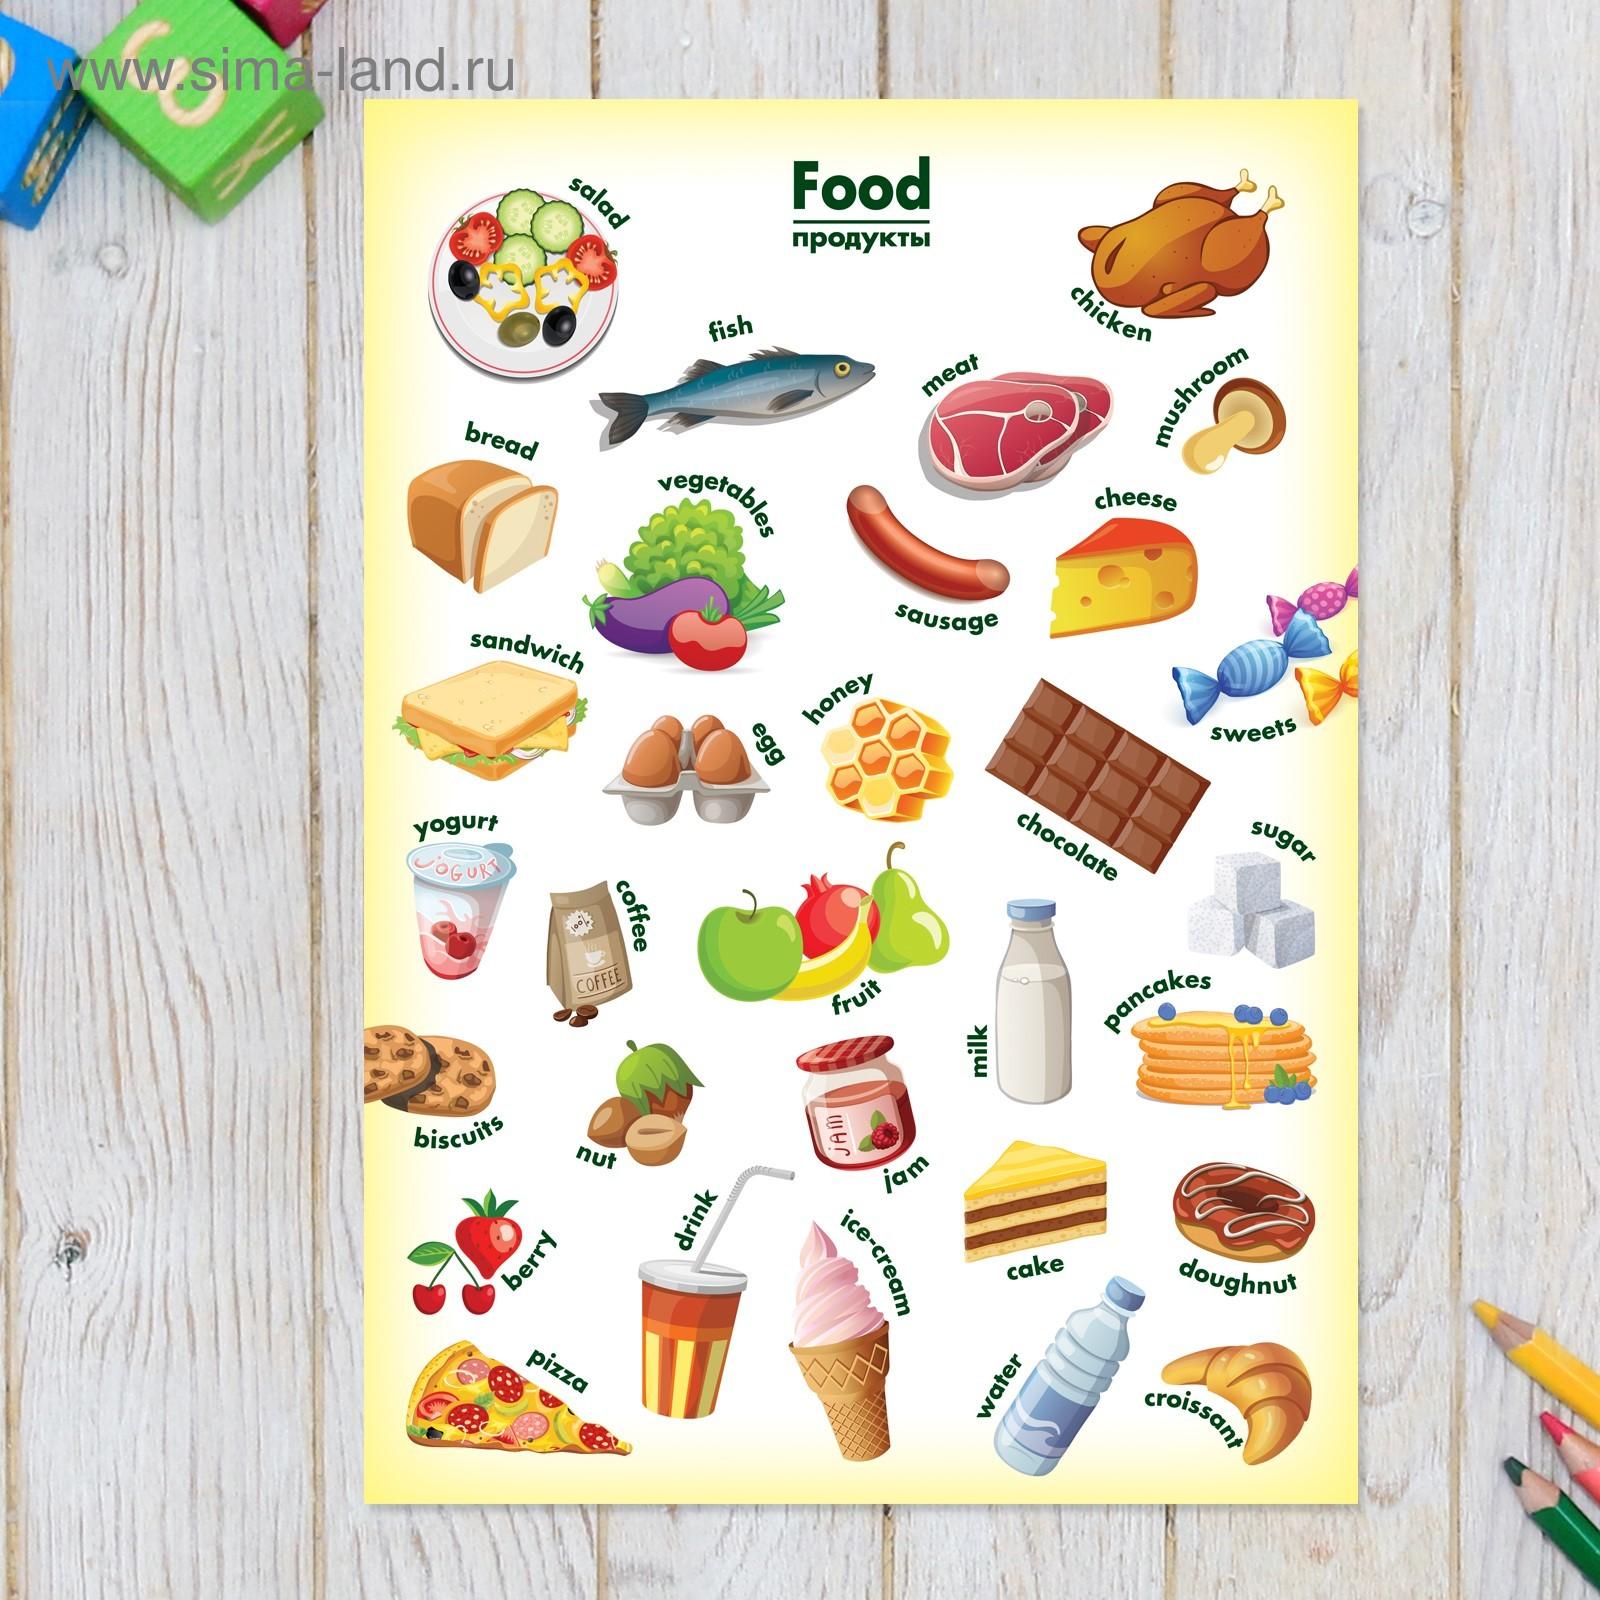 картинки еды для распечатки для английского предлагает